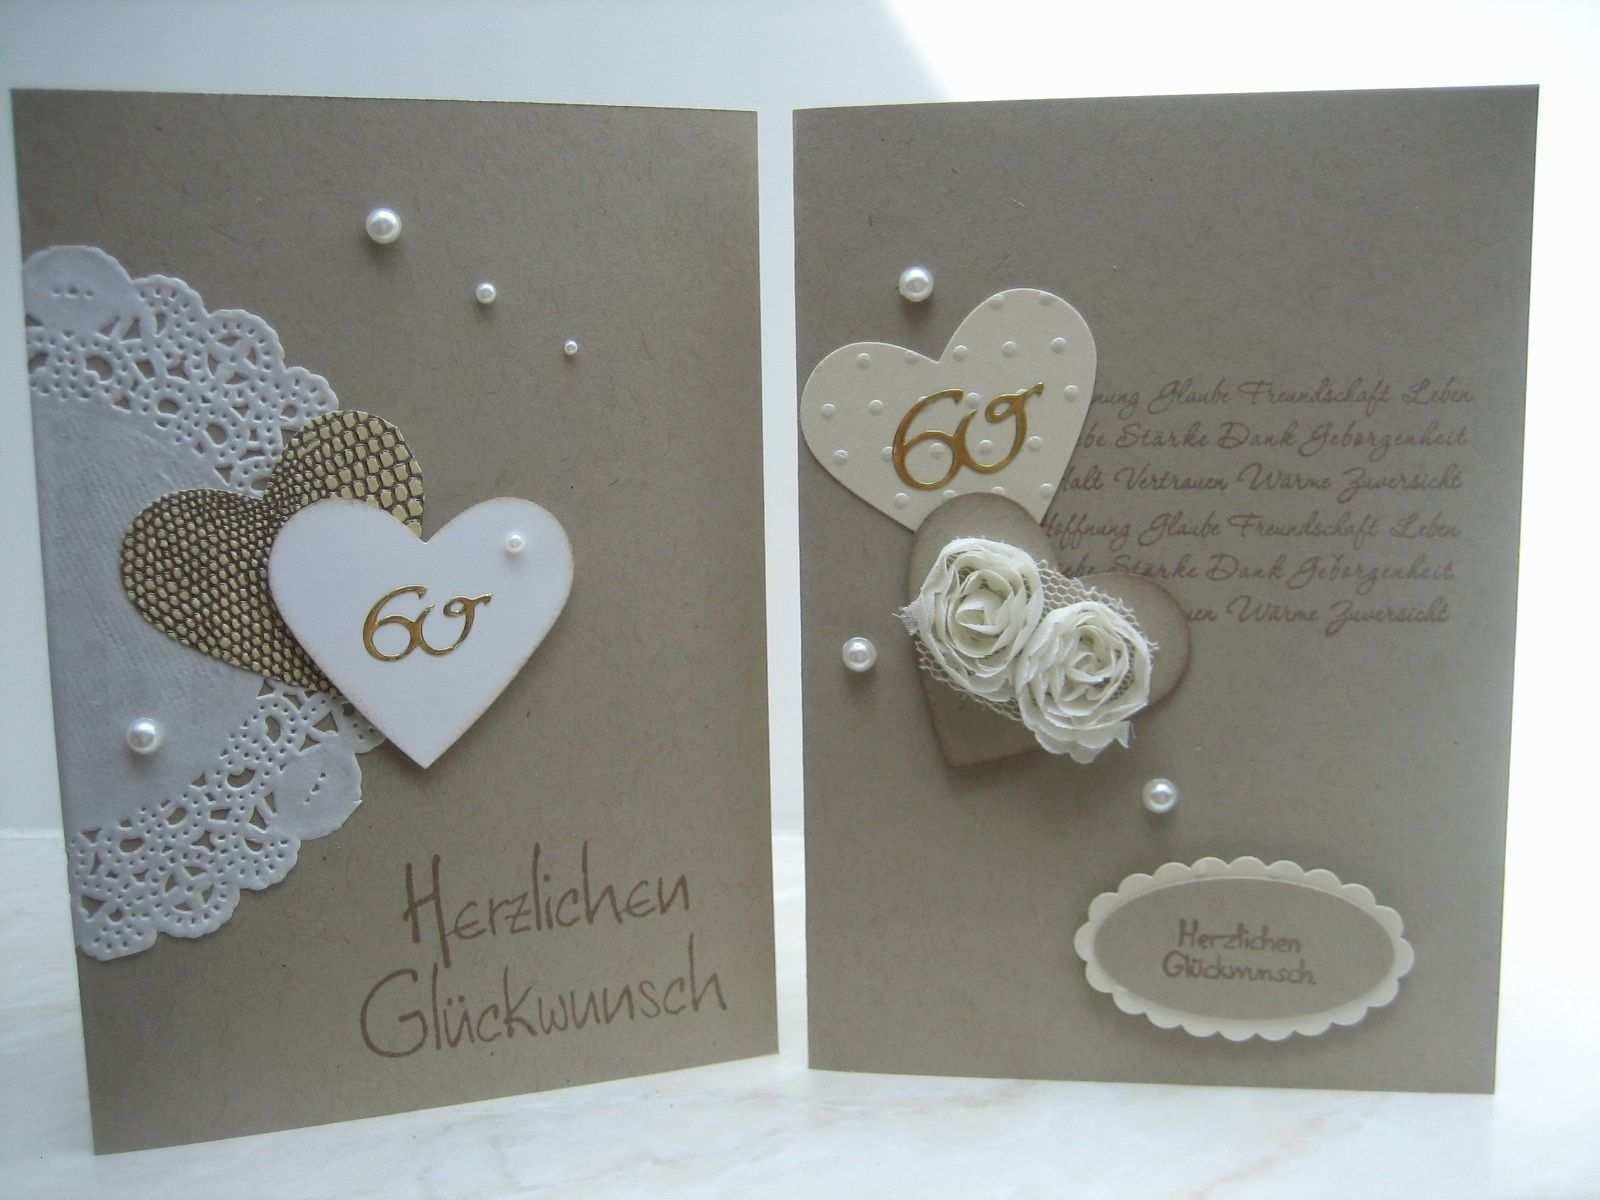 Einladungskarten Goldene Hochzeit Selbst Gestalten Schonheit Einladungskarten Diamantene Hochzeit Online Gestalten